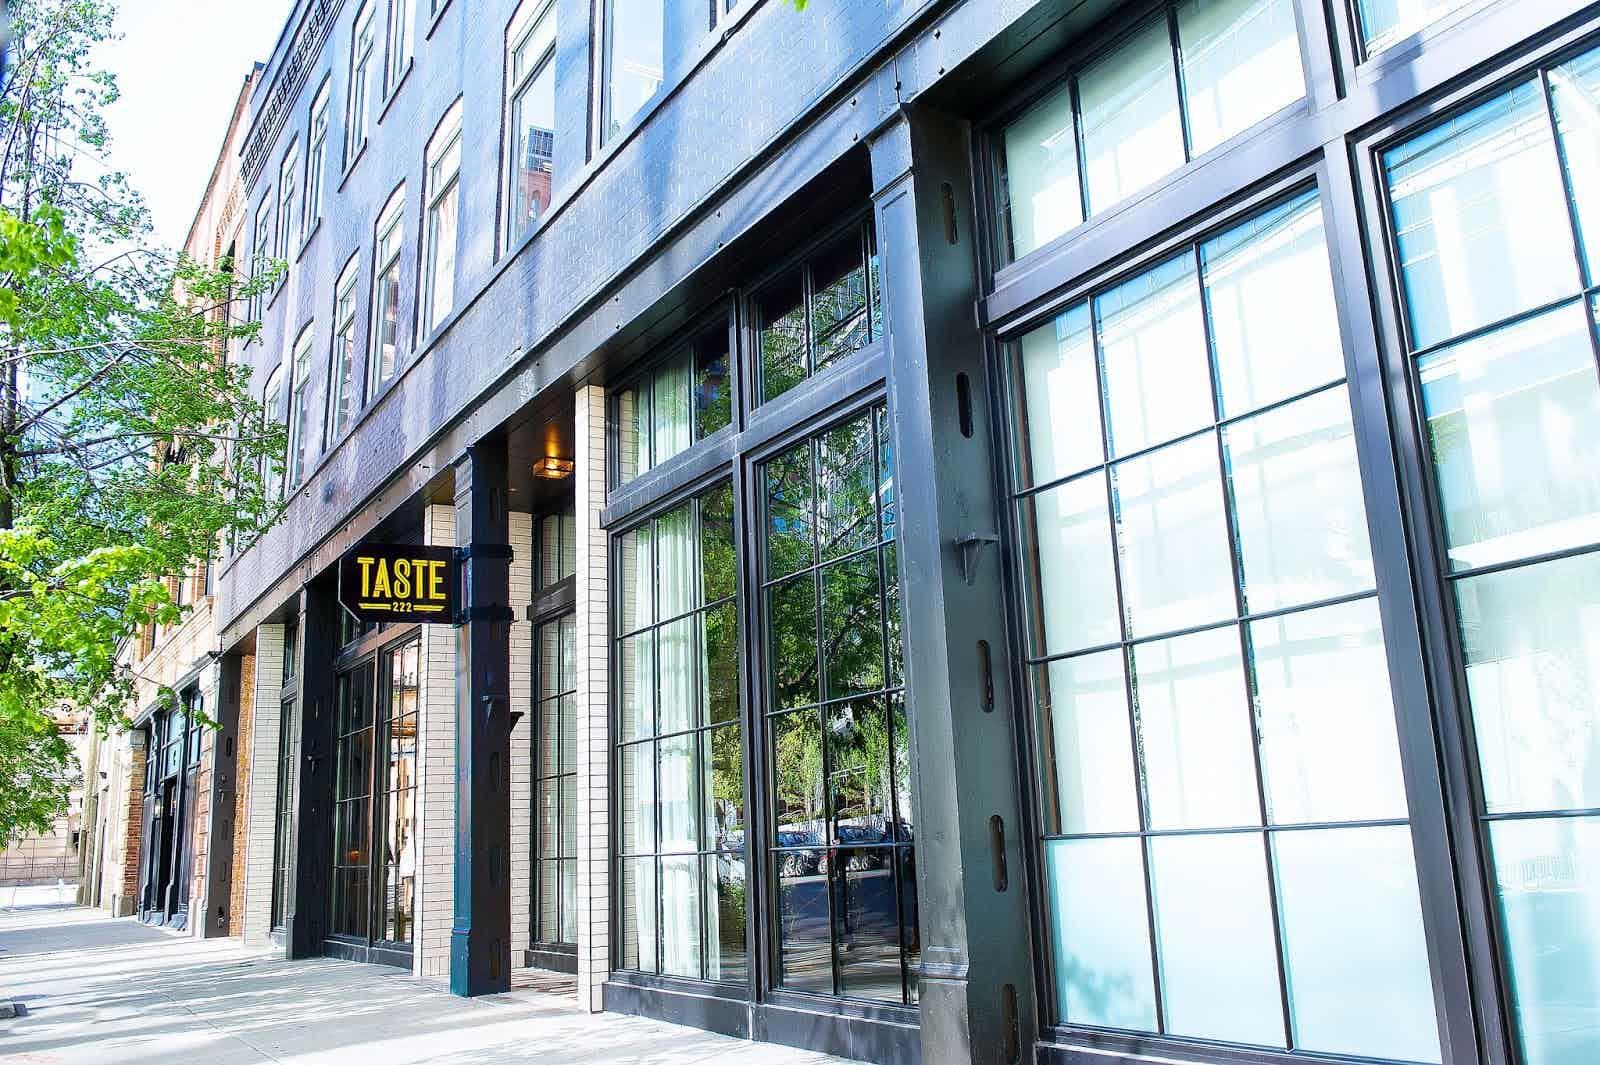 Taste 222 - Chicago | Restaurant Review - Zagat